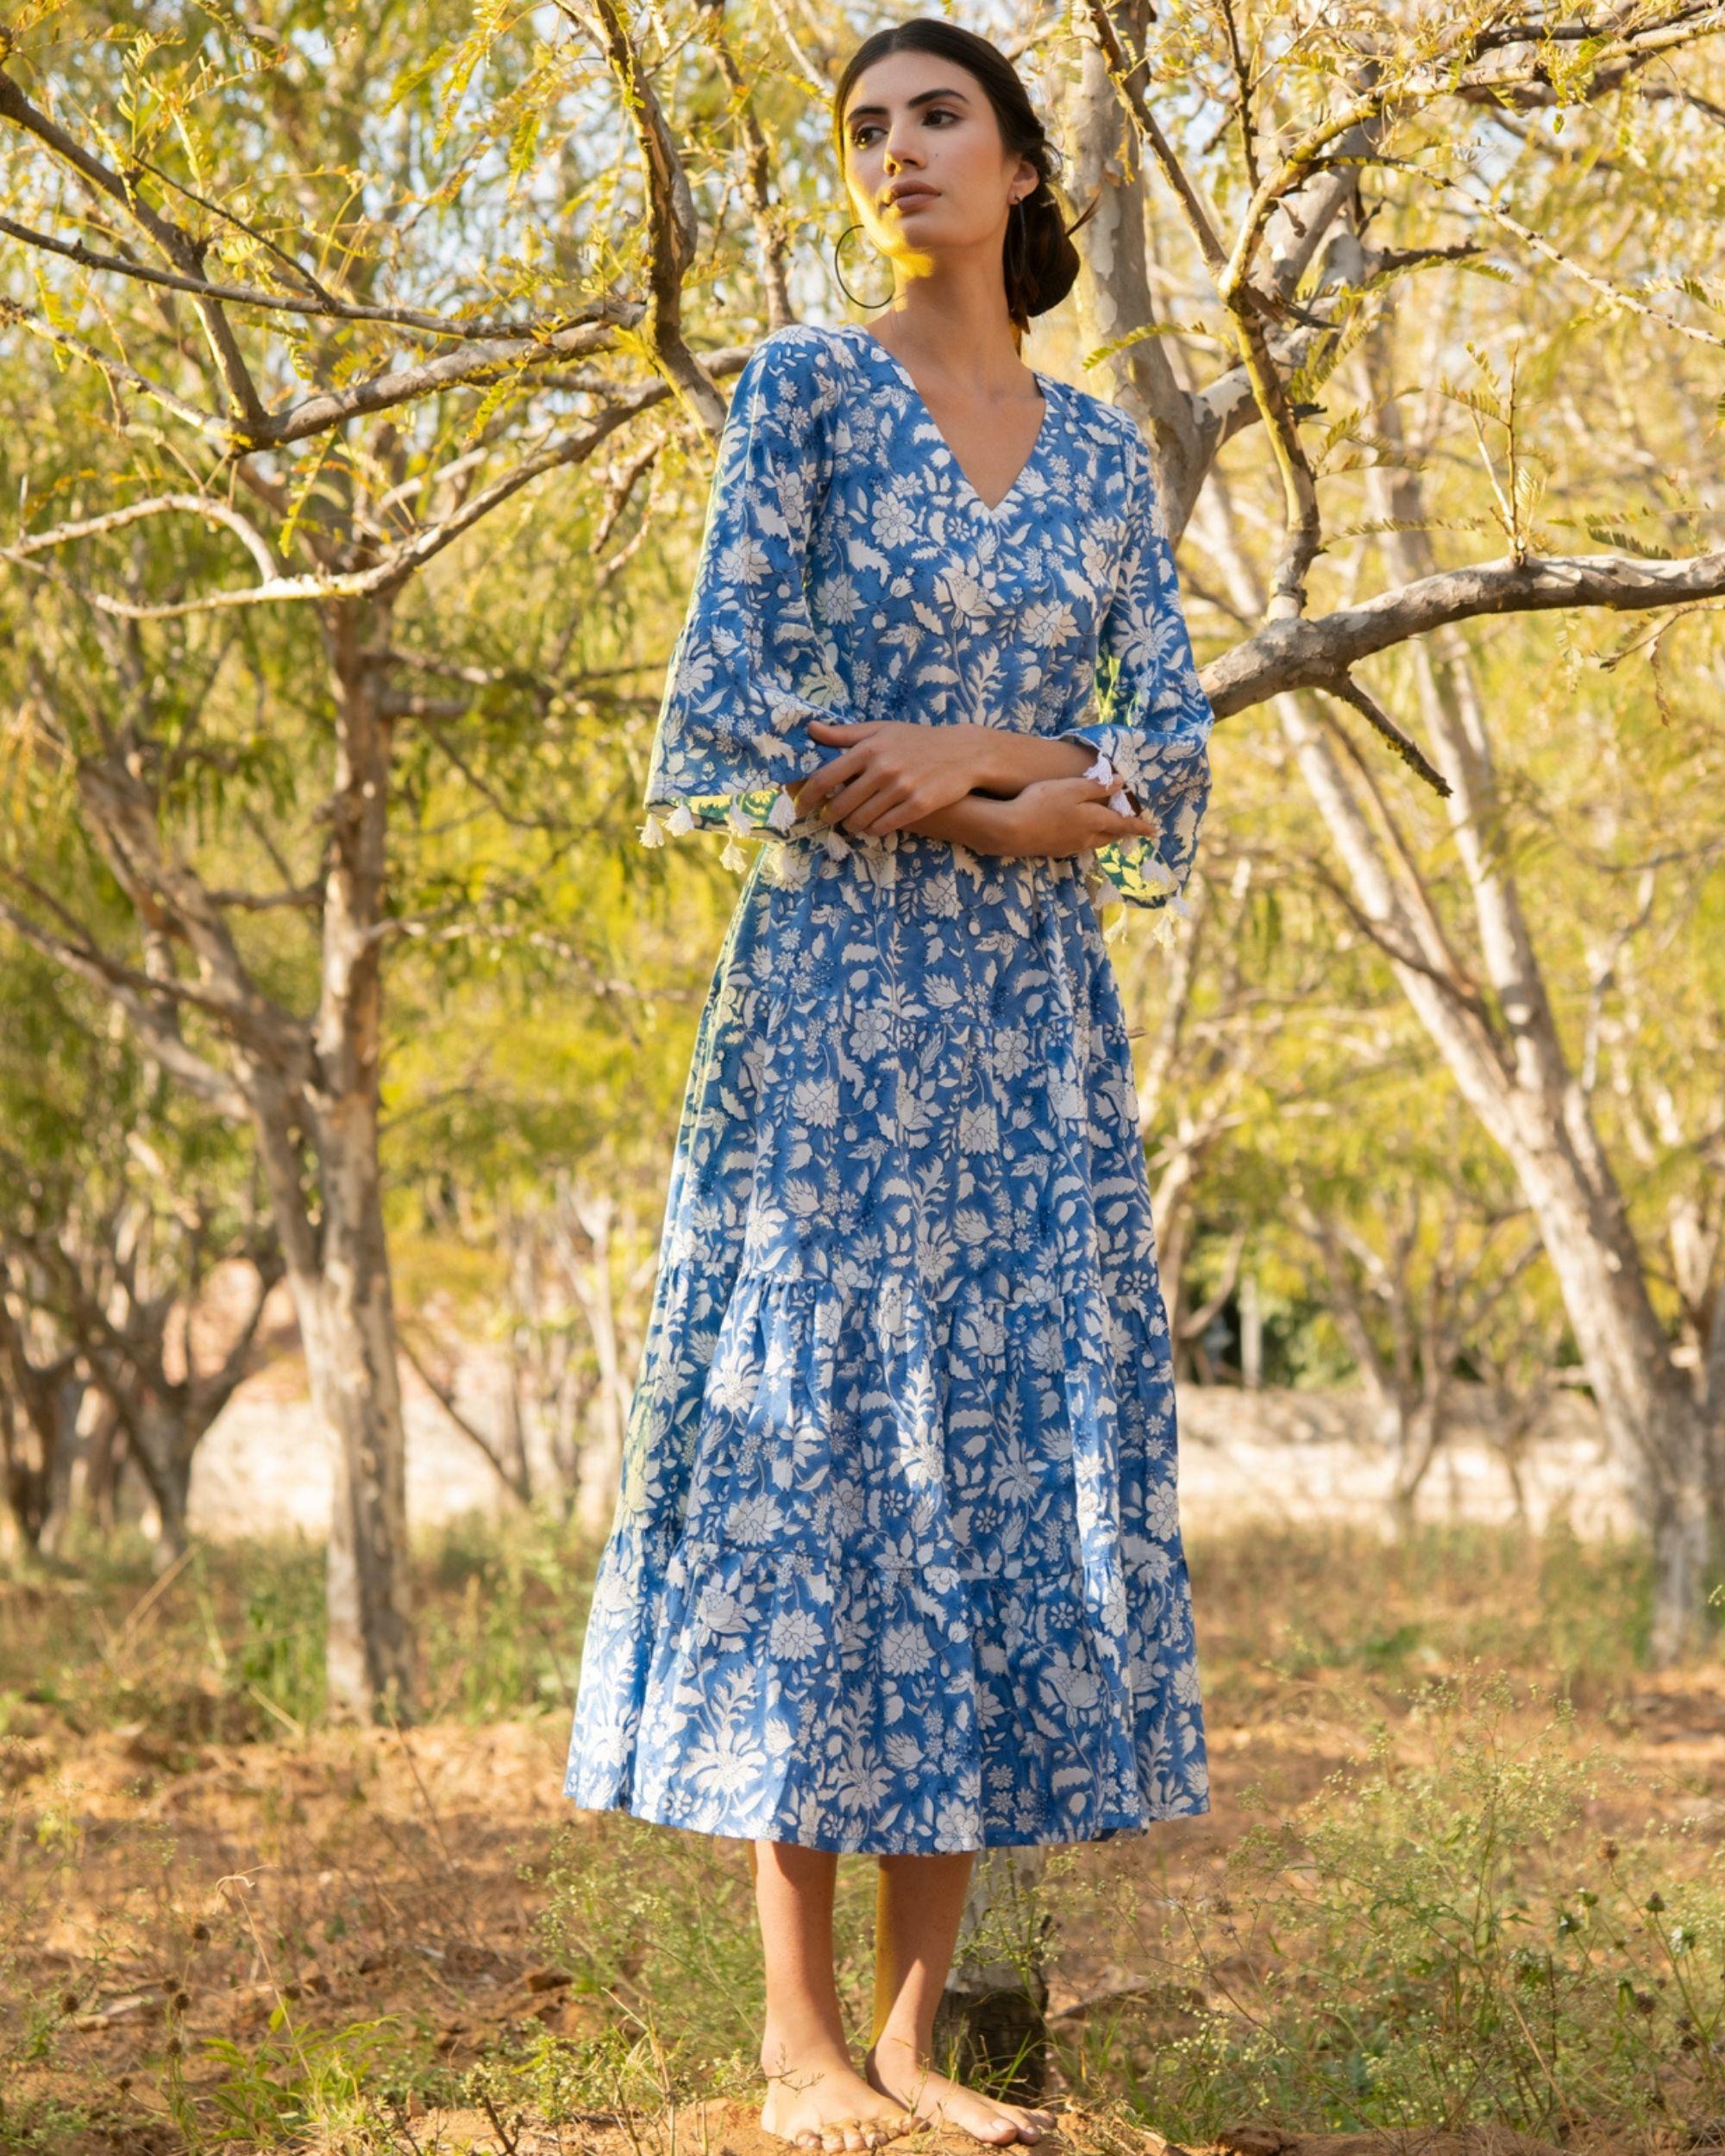 Cool blue tier dress